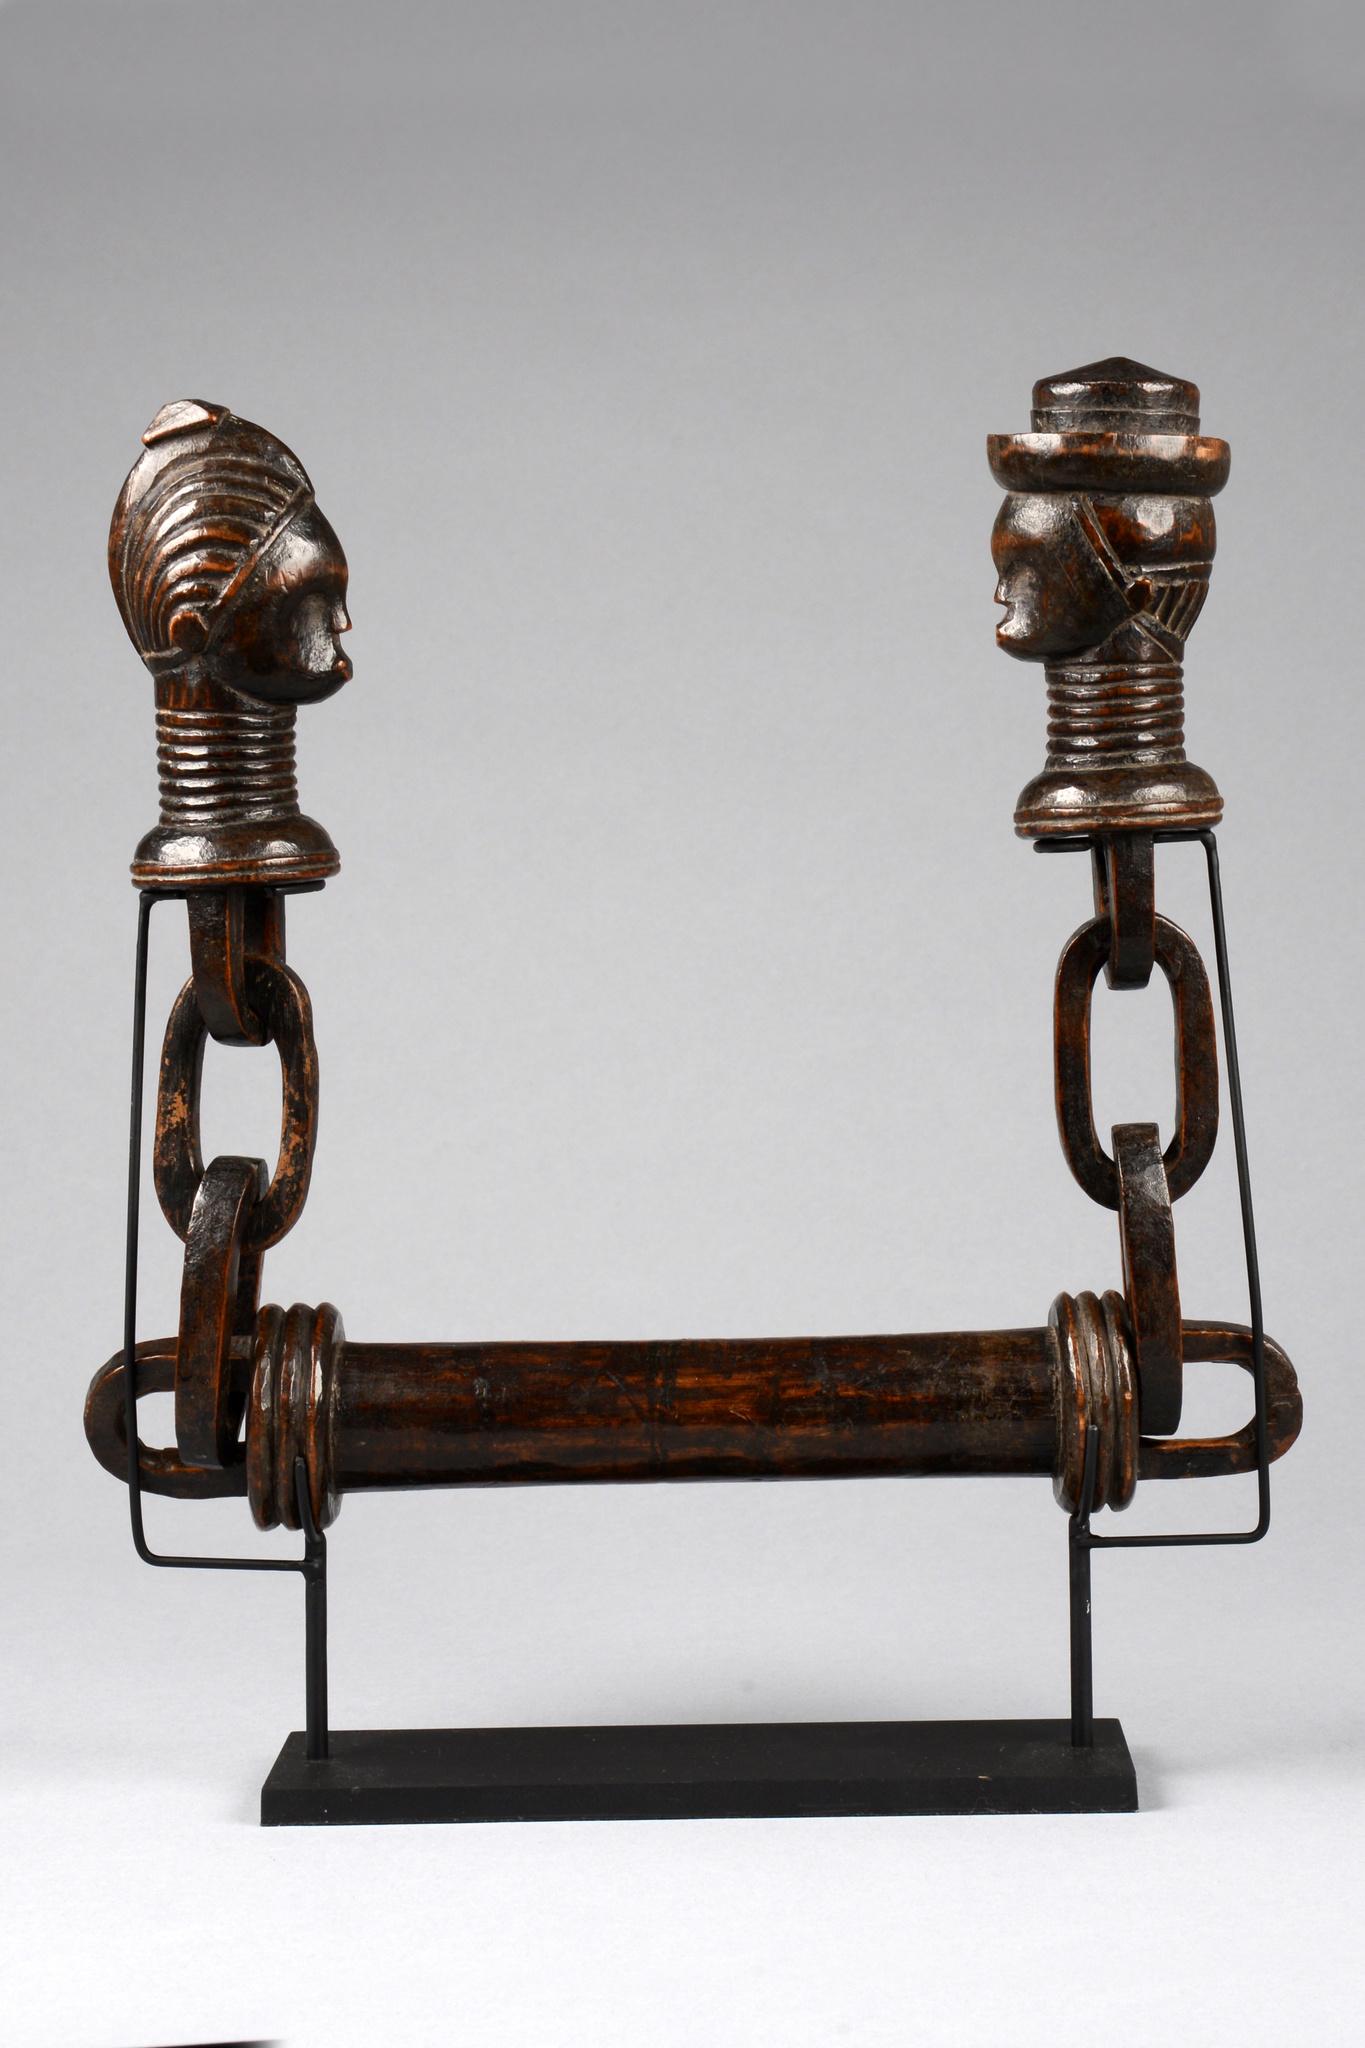 Support pour hamac, environ 1890/1900